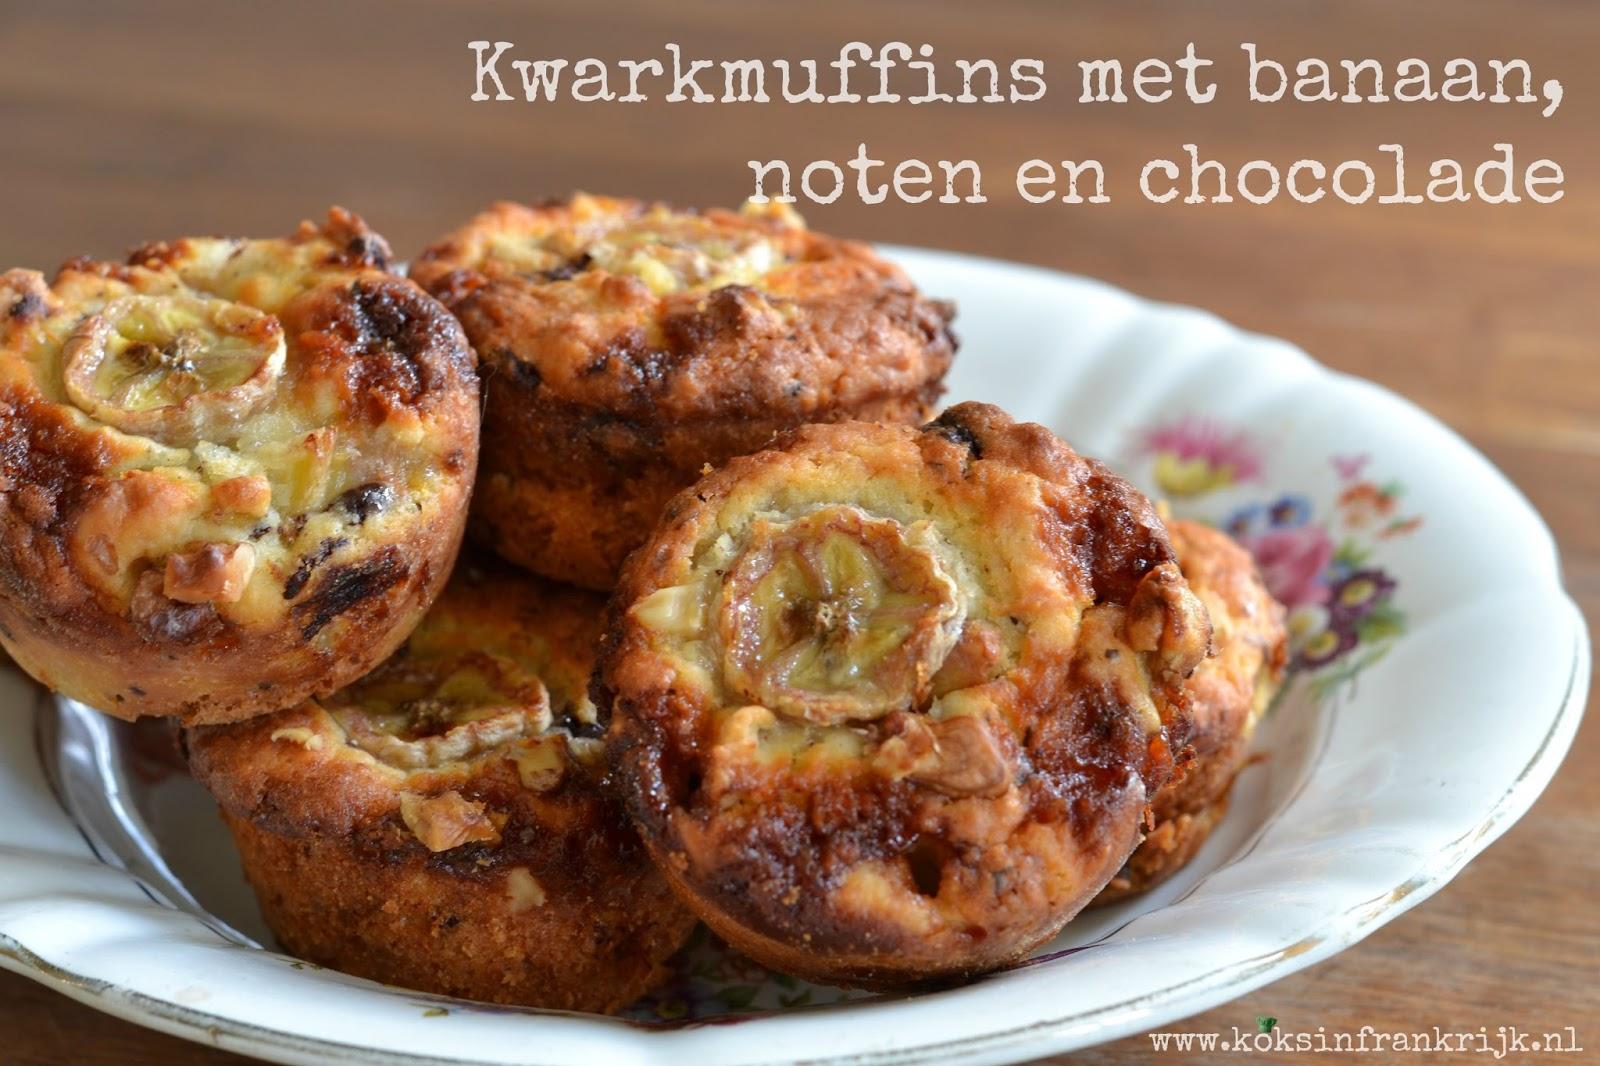 Kwarkmuffins met banaan, noten en chocolade